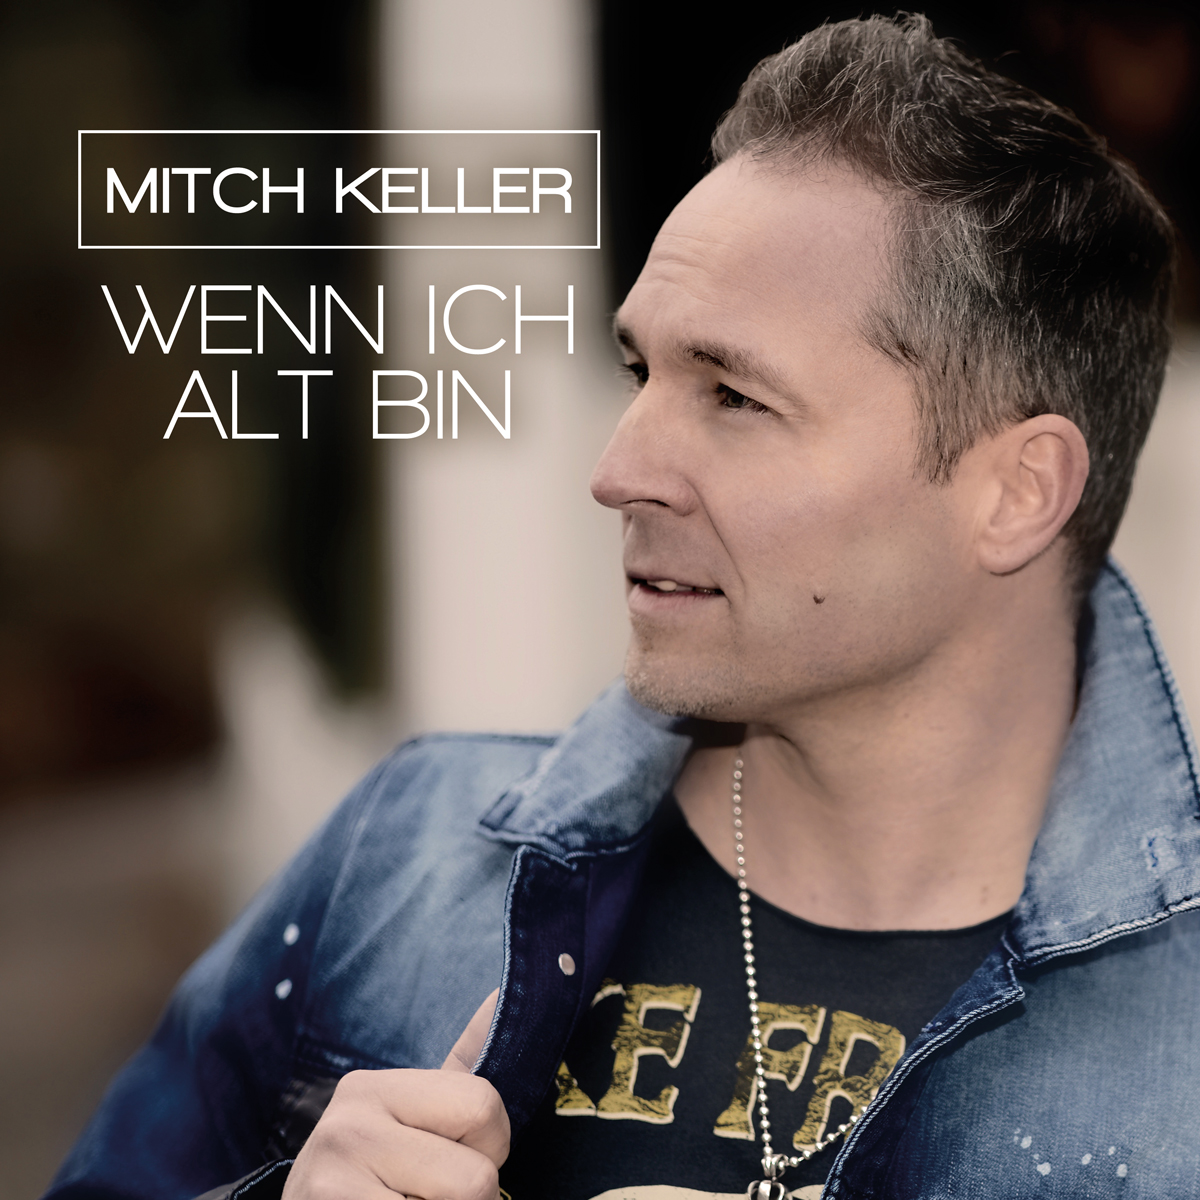 Mitch Keller Wenn ich alt bin